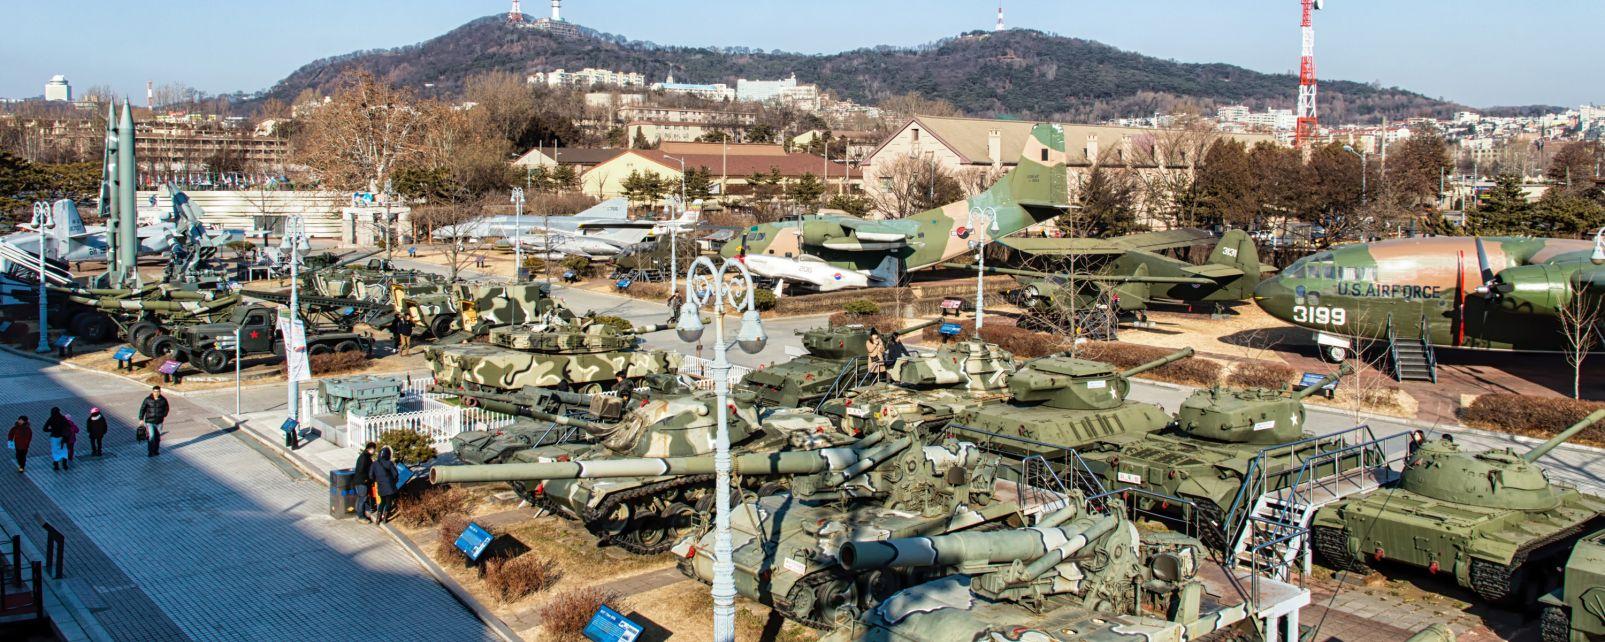 , Le musée des atrocités de guerre américaines, Museums, South Korea